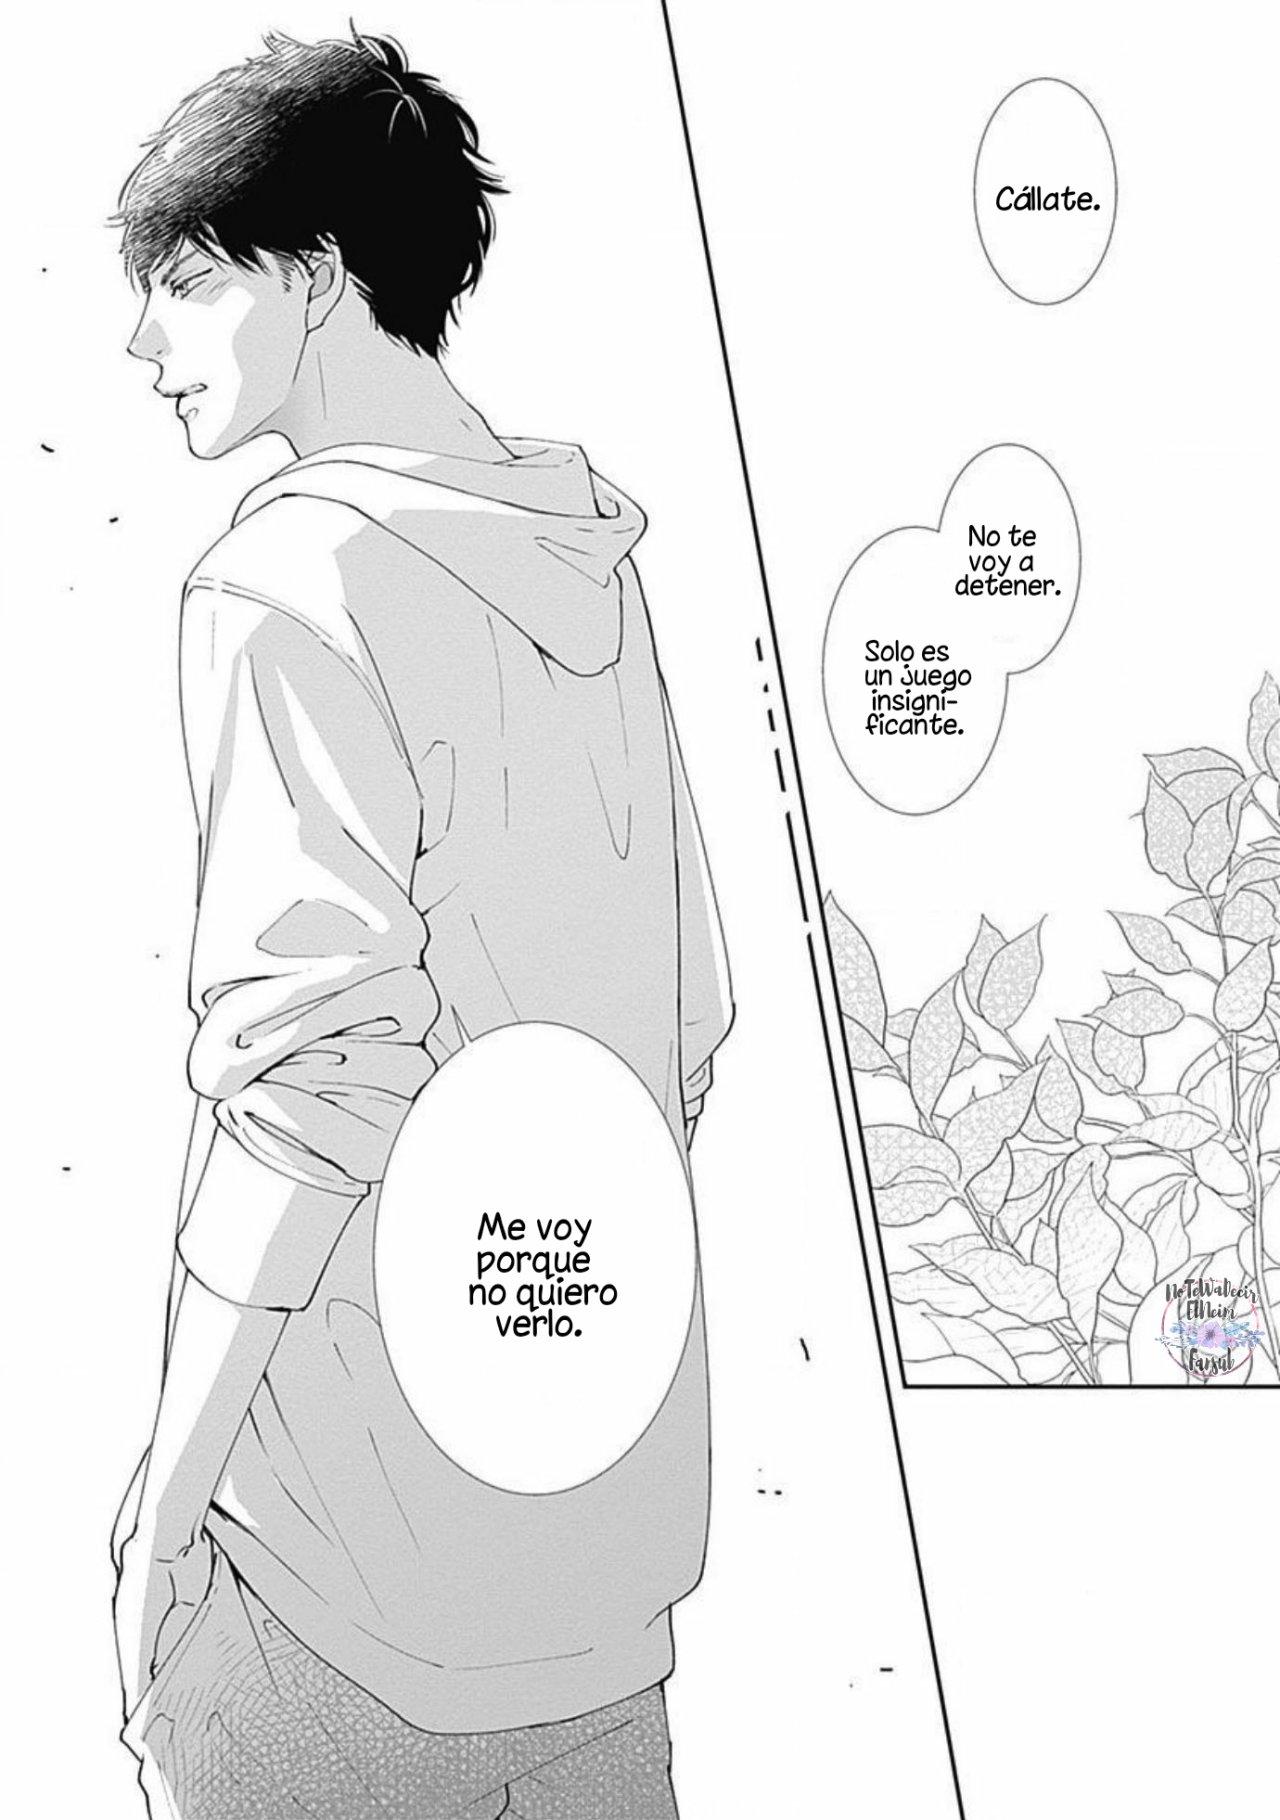 https://nine.mangadogs.com/es_manga/pic8/12/36684/946997/2715c65820c839c31c44eb38bddf613f.jpg Page 36